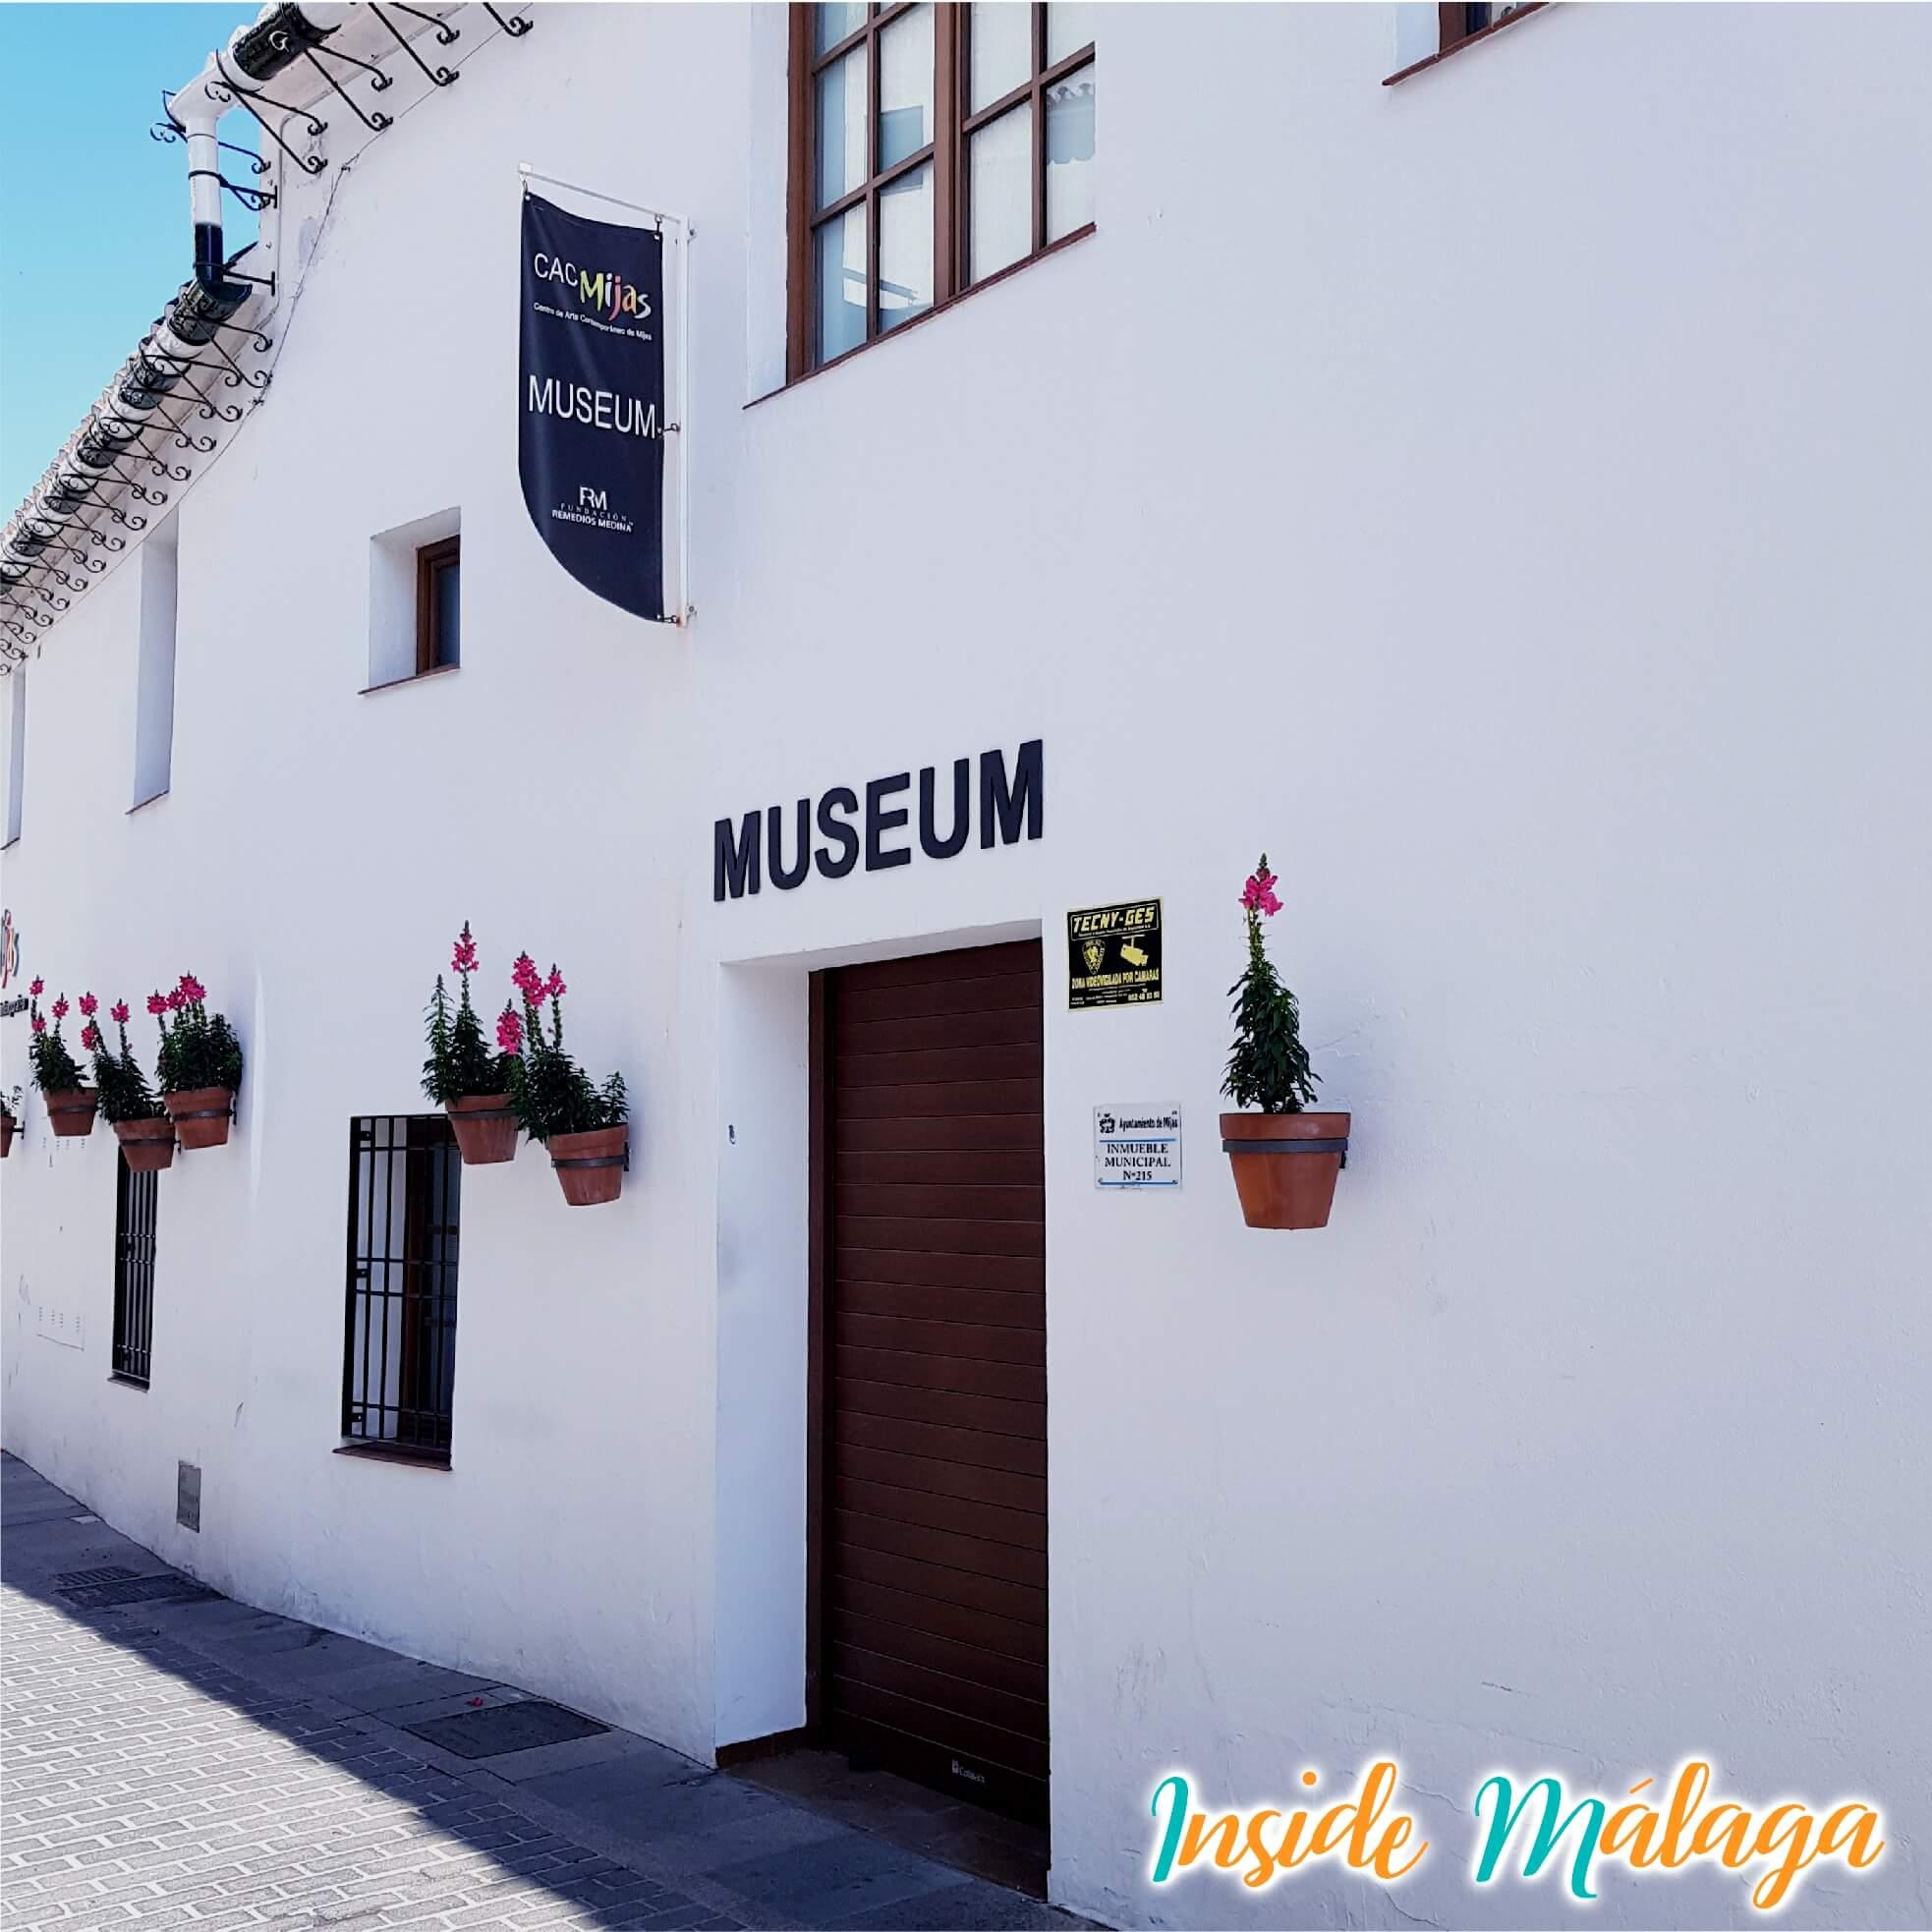 CAC Art Museum Mijas